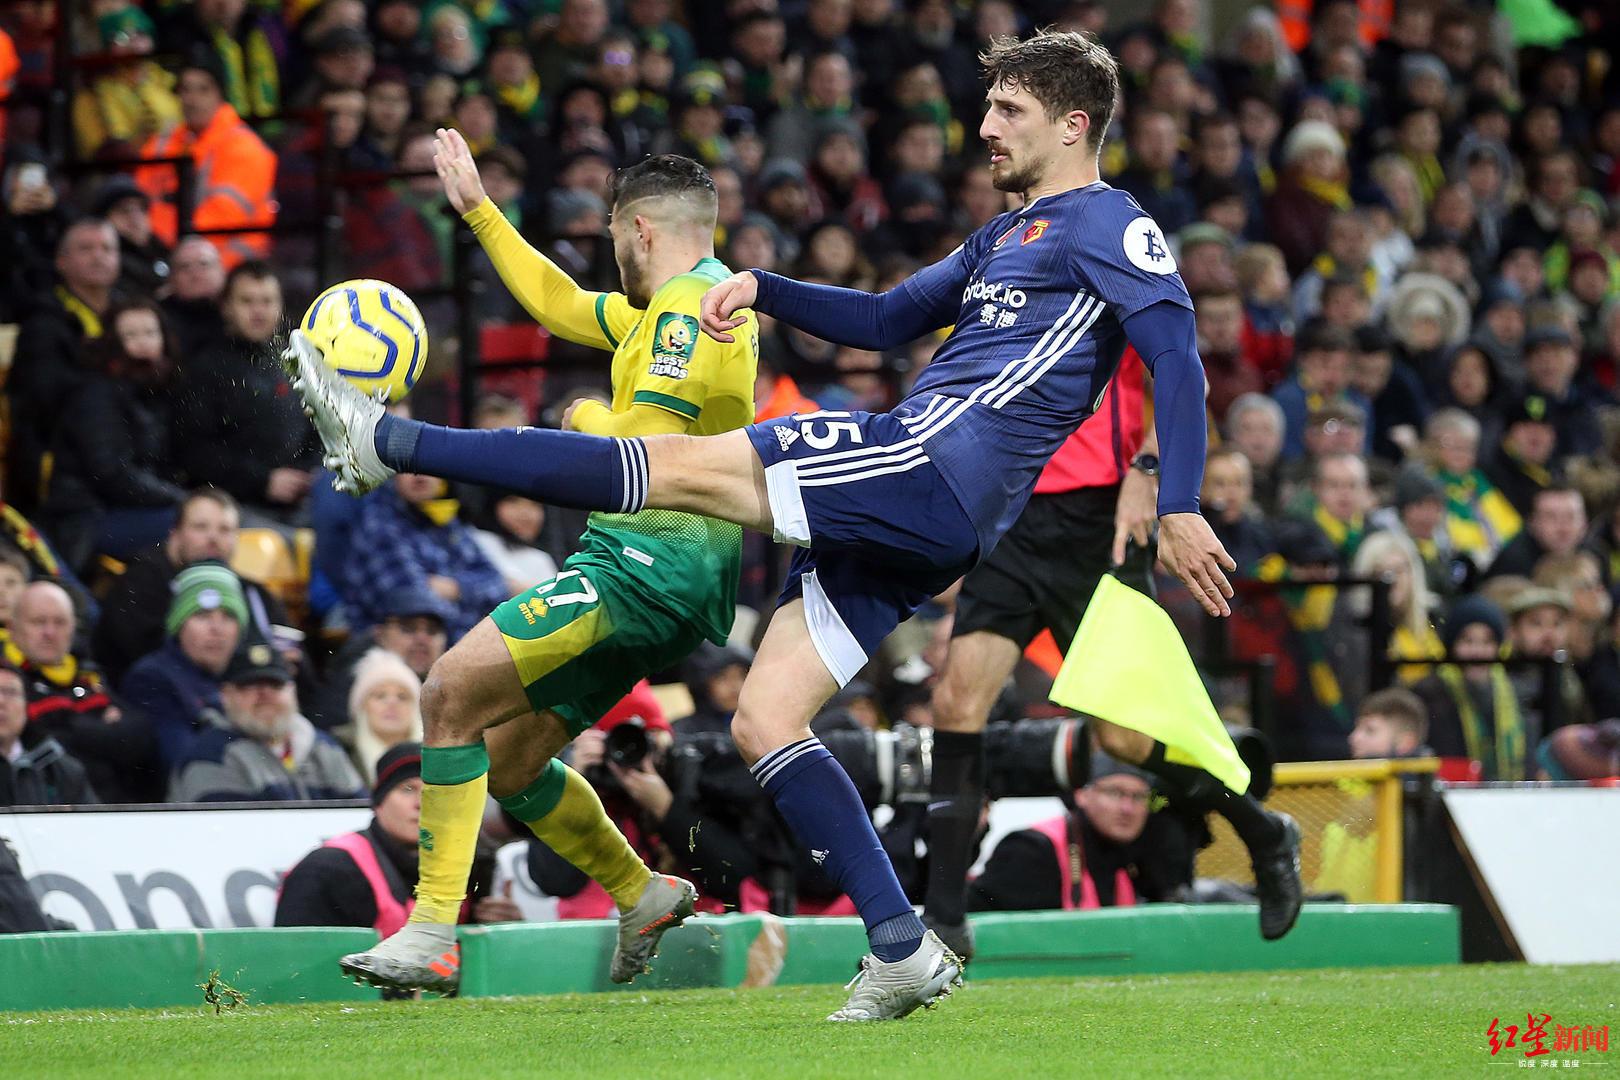 英格兰4级联赛最后一支取胜球队,沃特福德斩获首胜_诺维奇